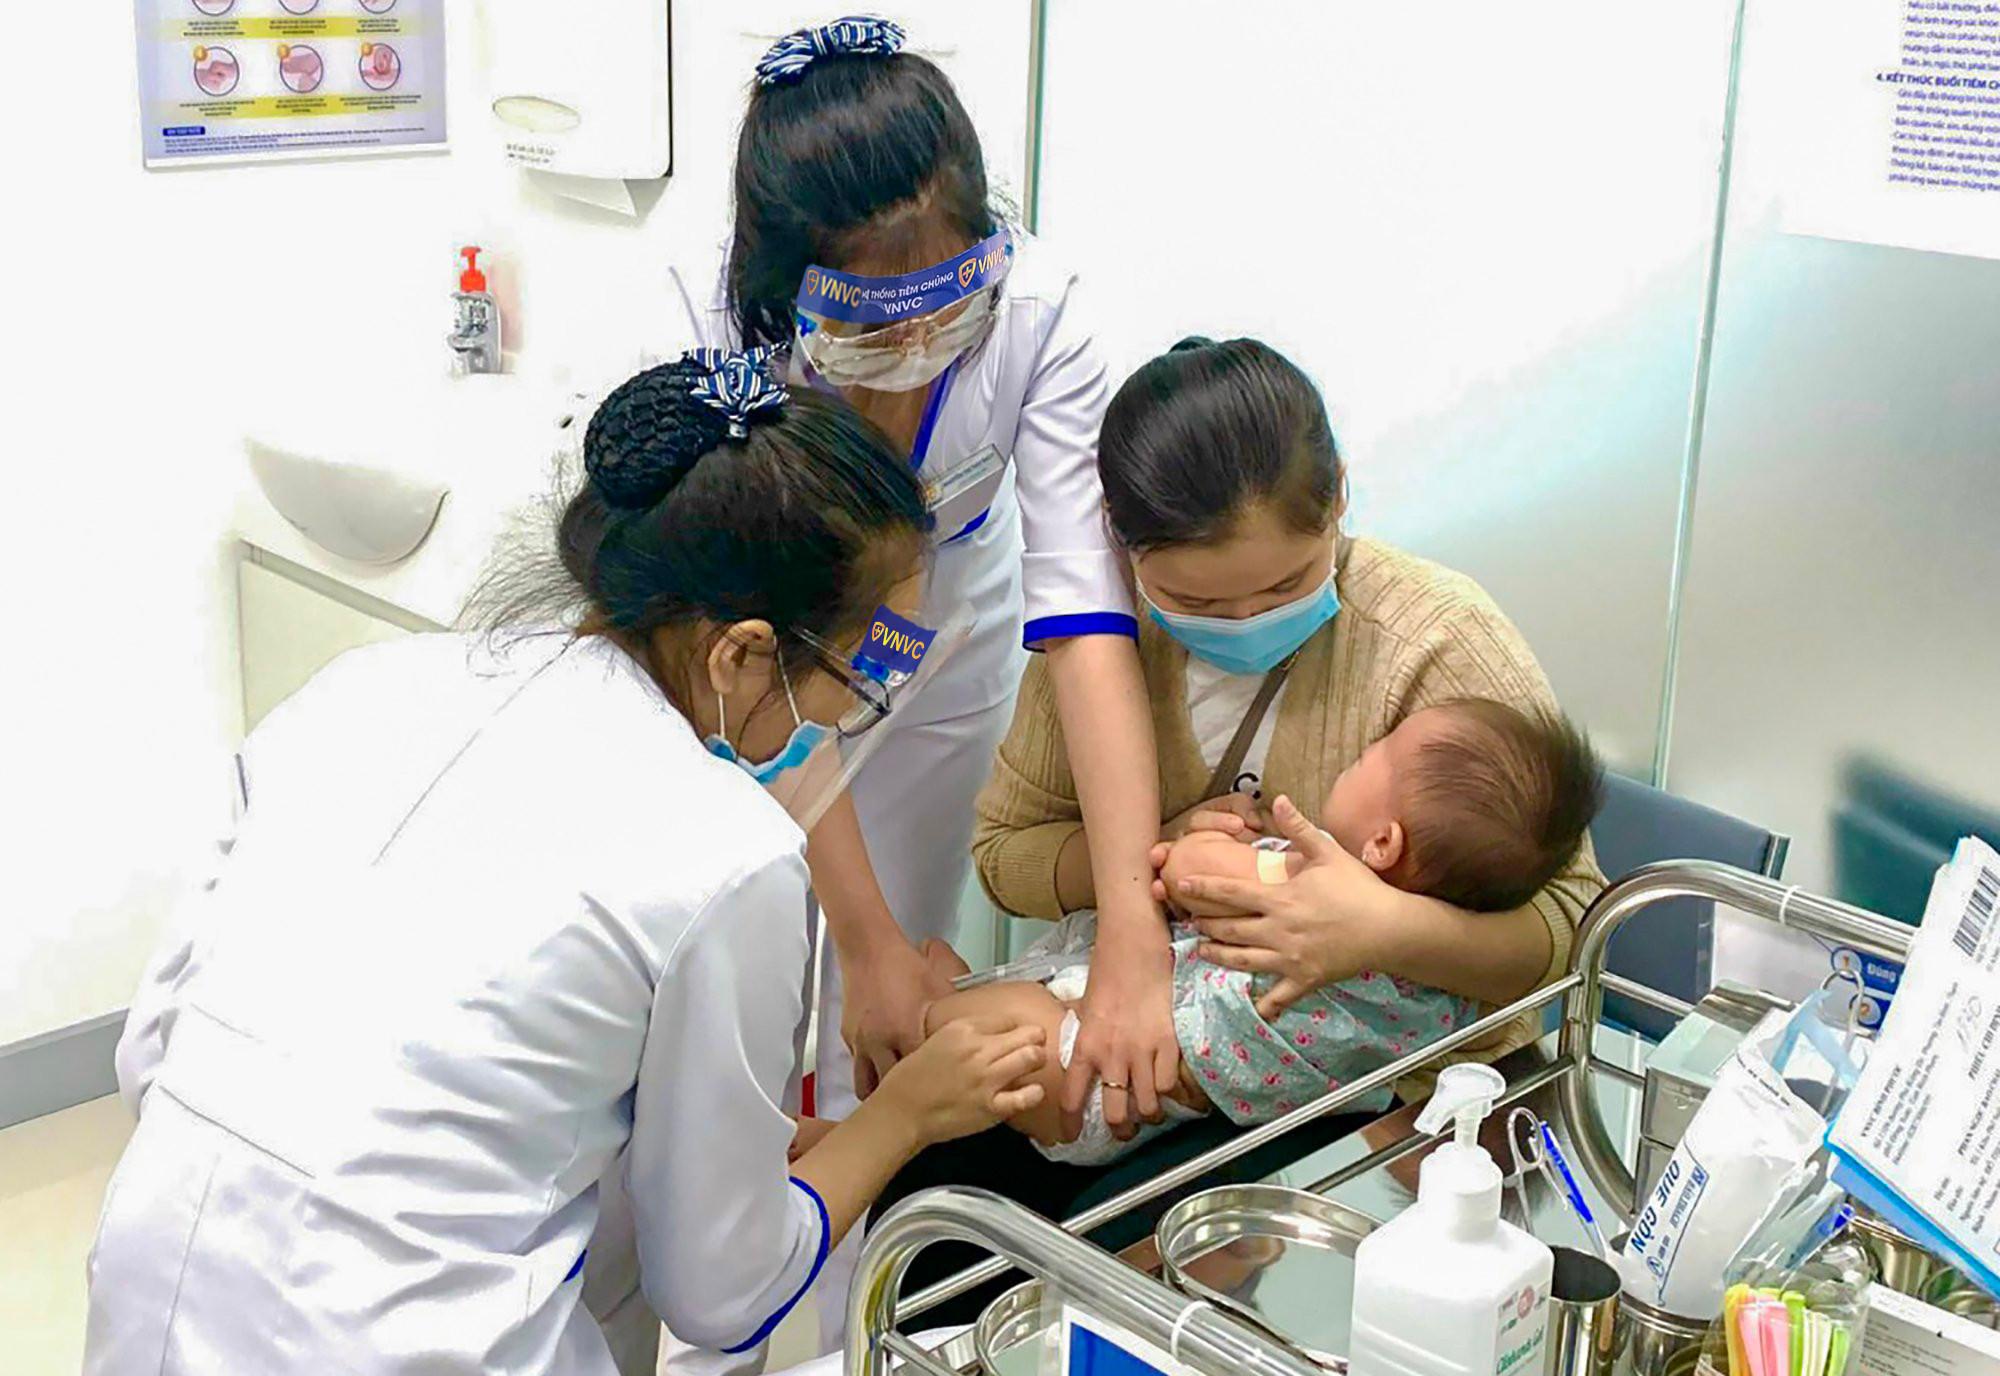 Tiêm vaccine 6 trong 1 cho trẻ nhỏ để phòng ngừa các bệnh nguy hiểm. Ảnh: VNVC